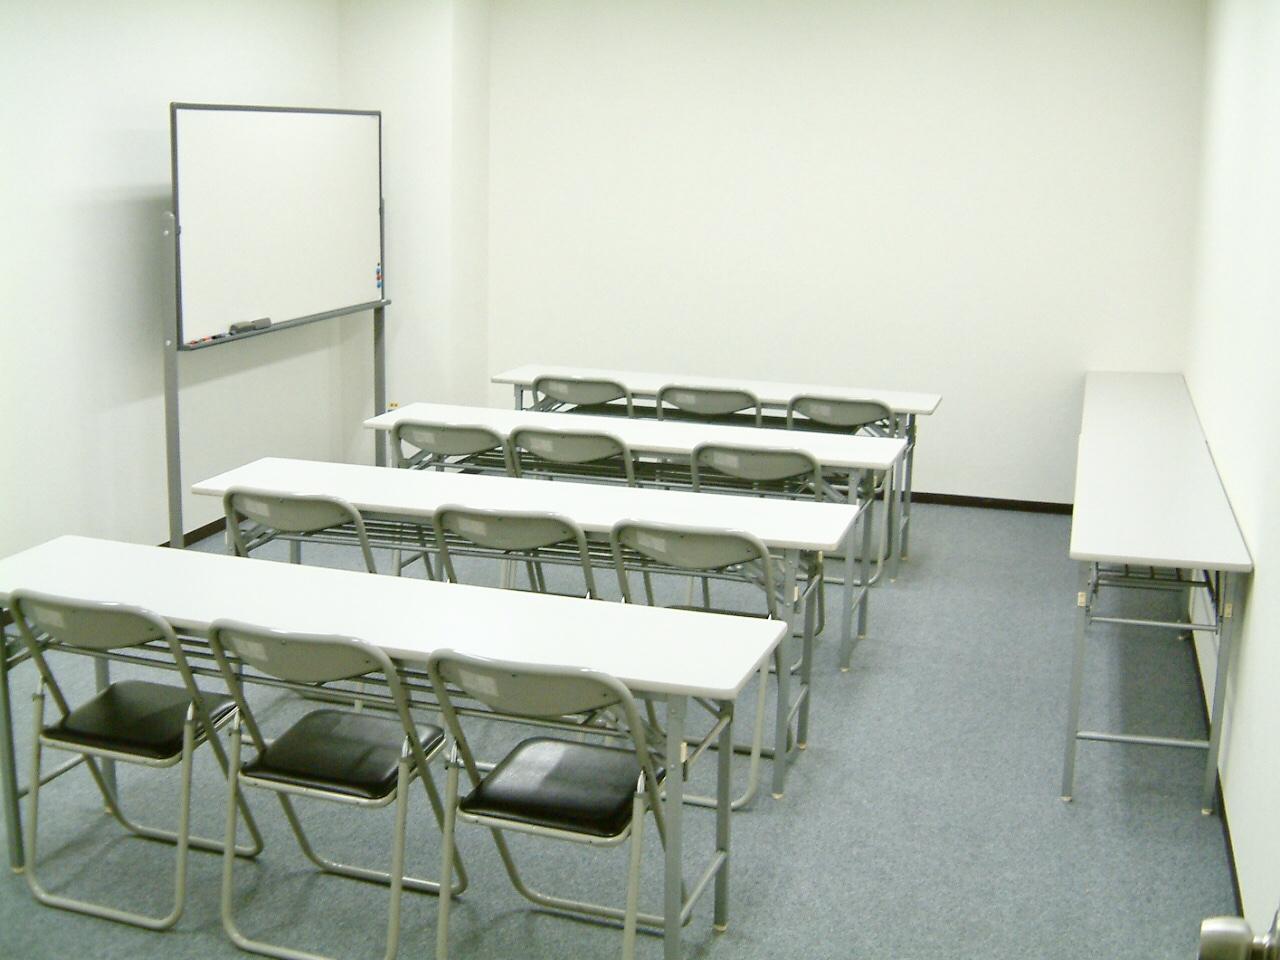 にぎわいプラザ6-3会議室